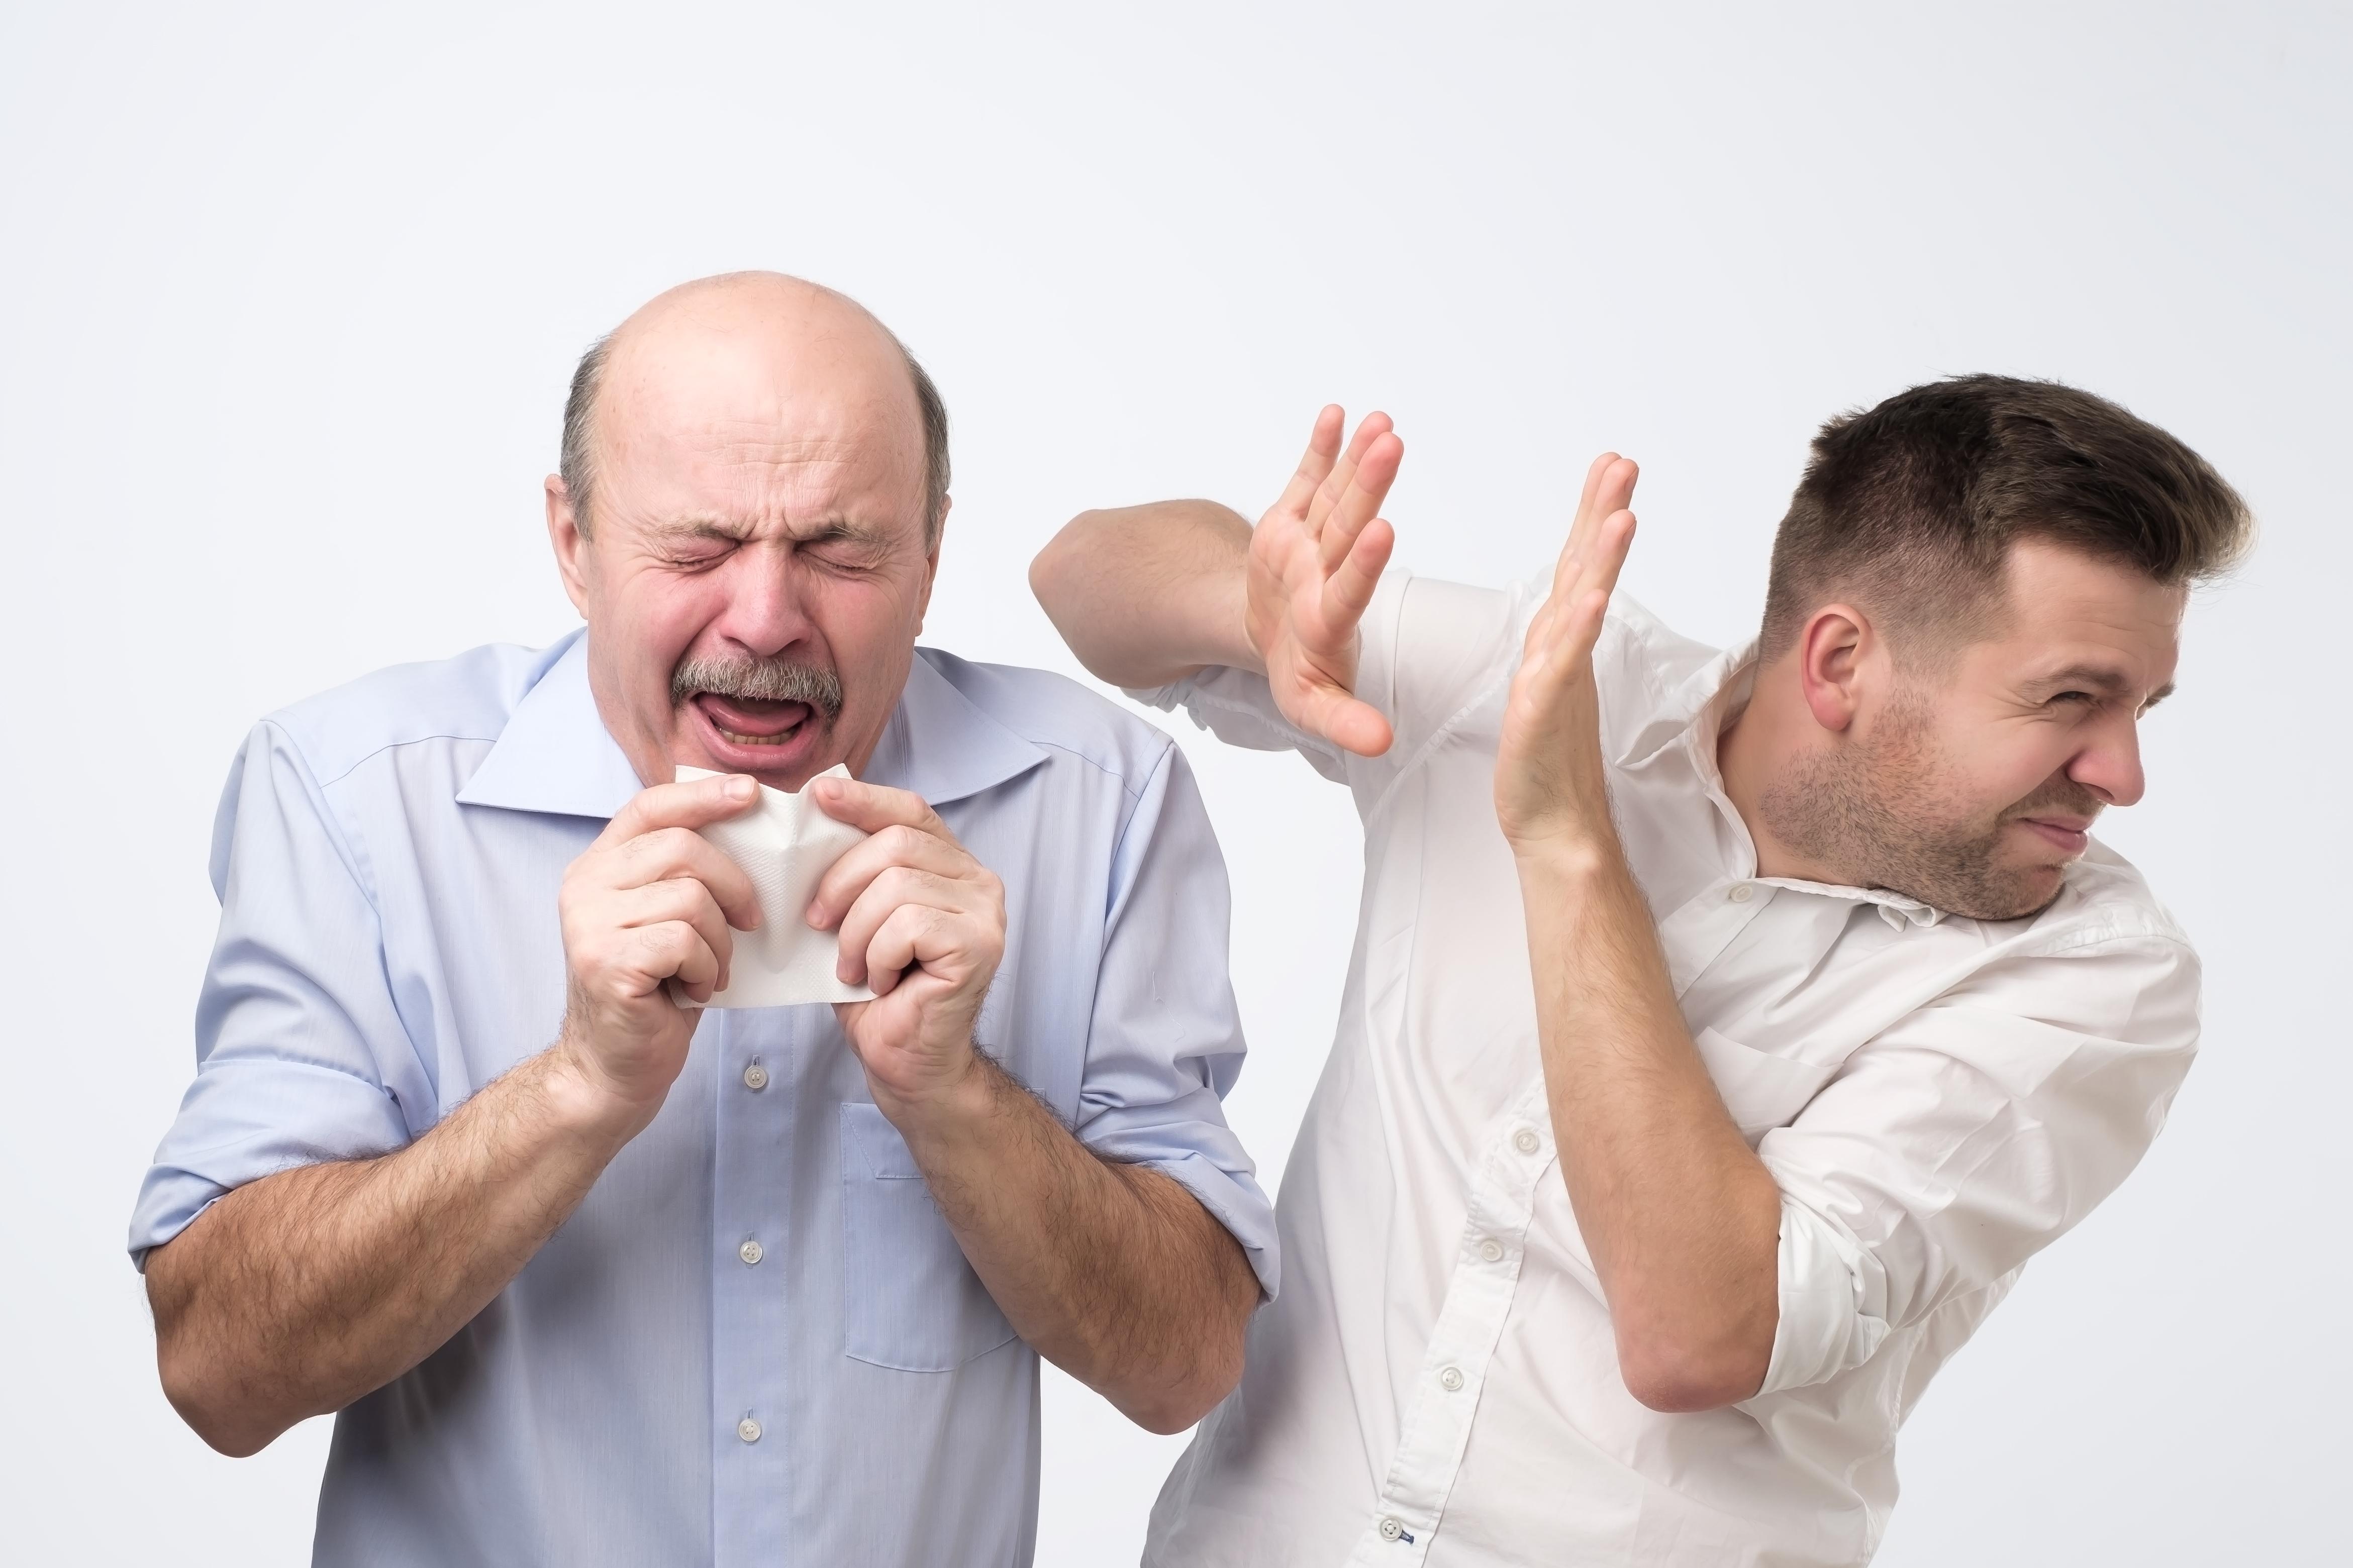 Poor old guy has terrible grippe. Studio shoot